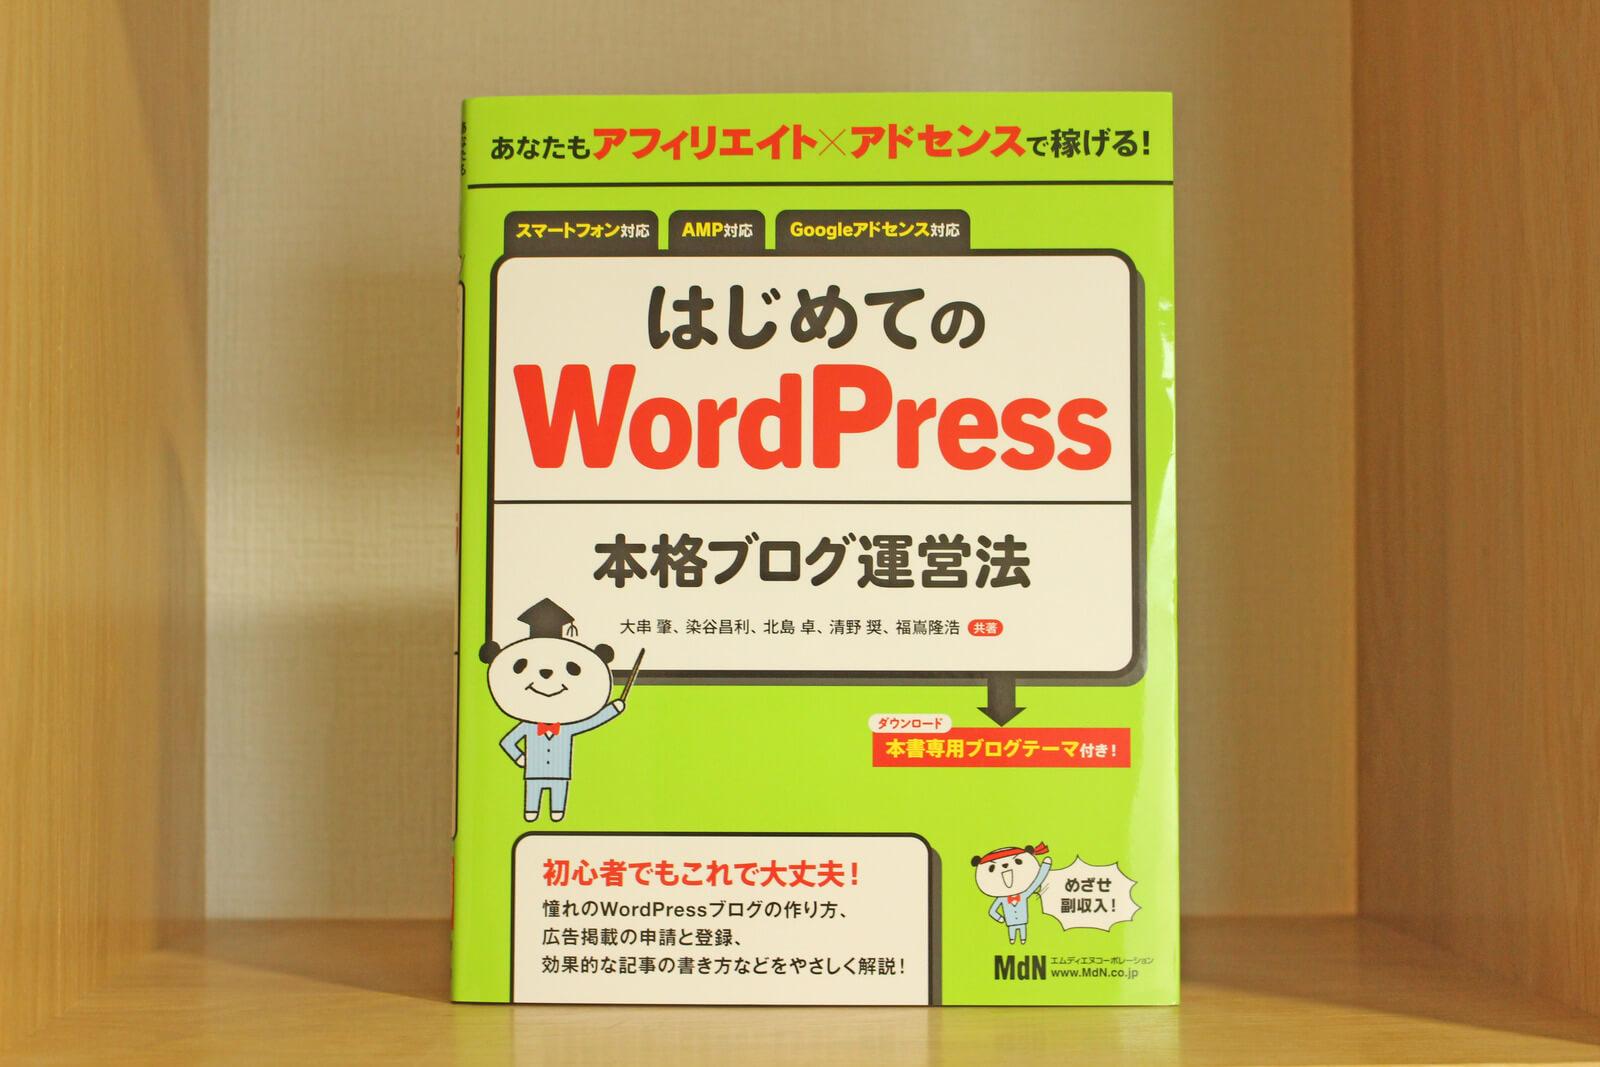 収益化ノウハウ入りサイトが簡単に作れる「あなたもアフィリエイト×アドセンスで稼げる!はじめてのWordPress本格ブログ運営法」